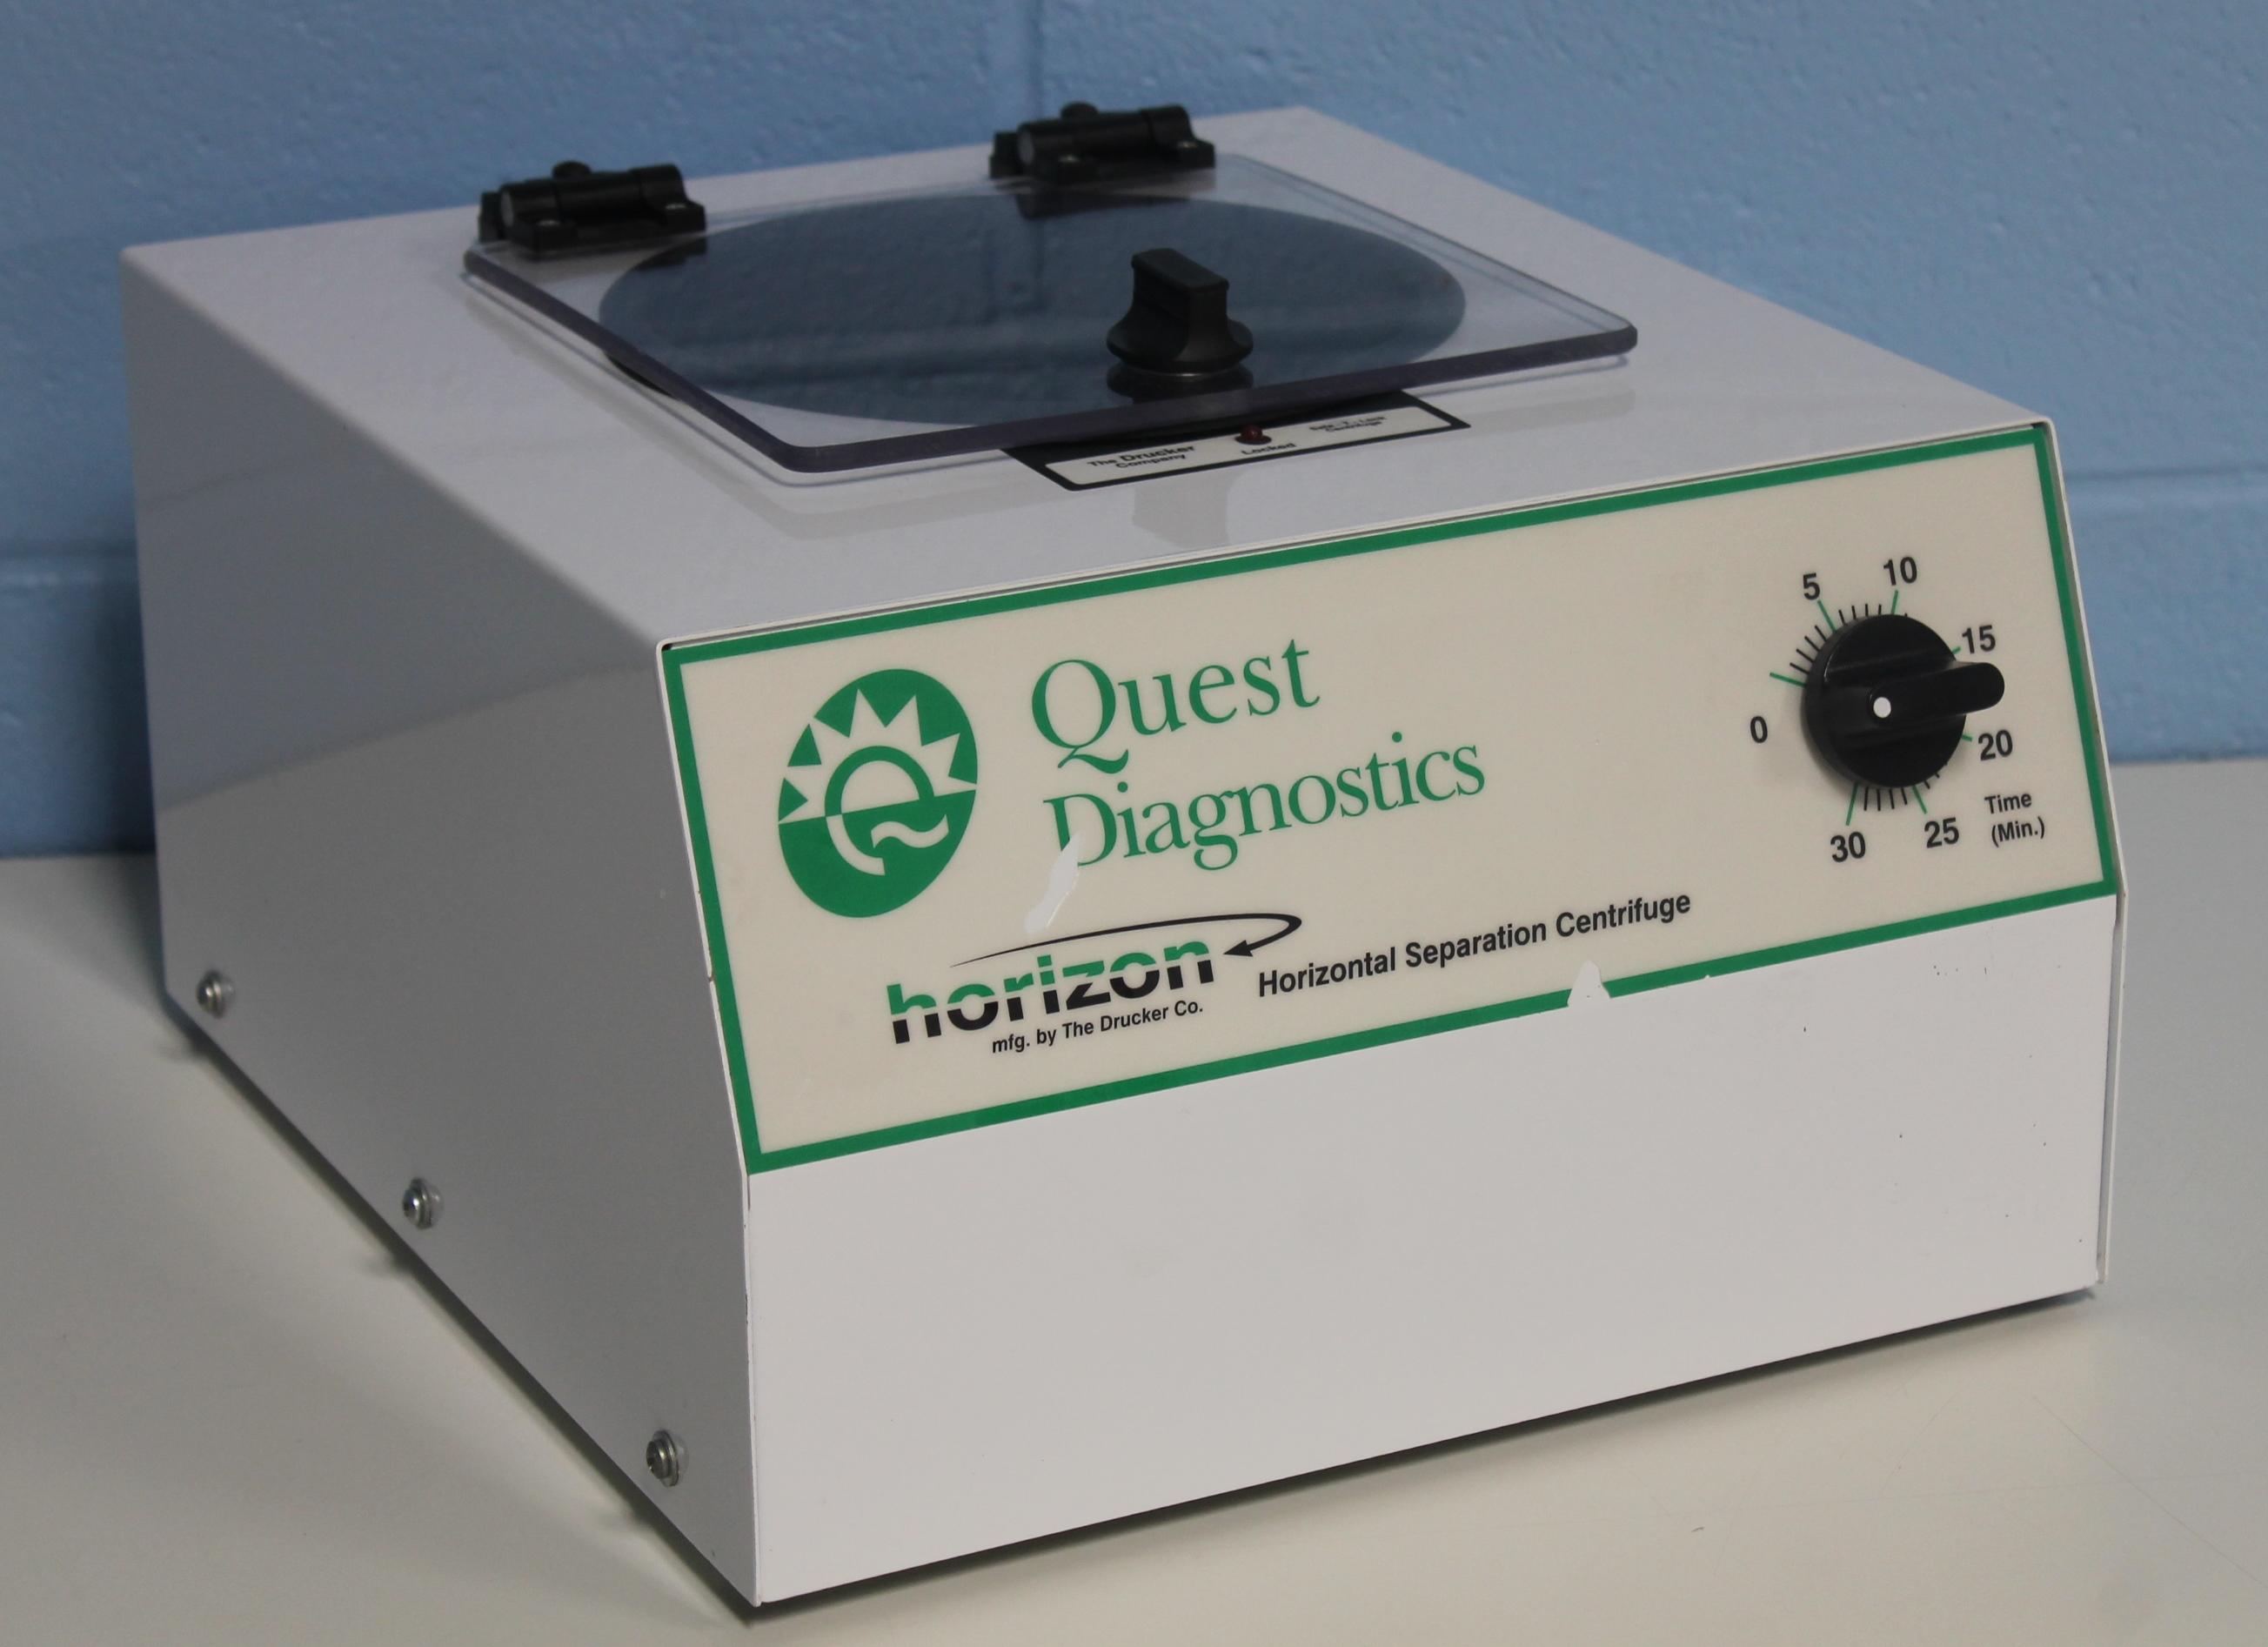 Refurbished Quest Diagnostics Horizon Model 641 Quest Centrifuge